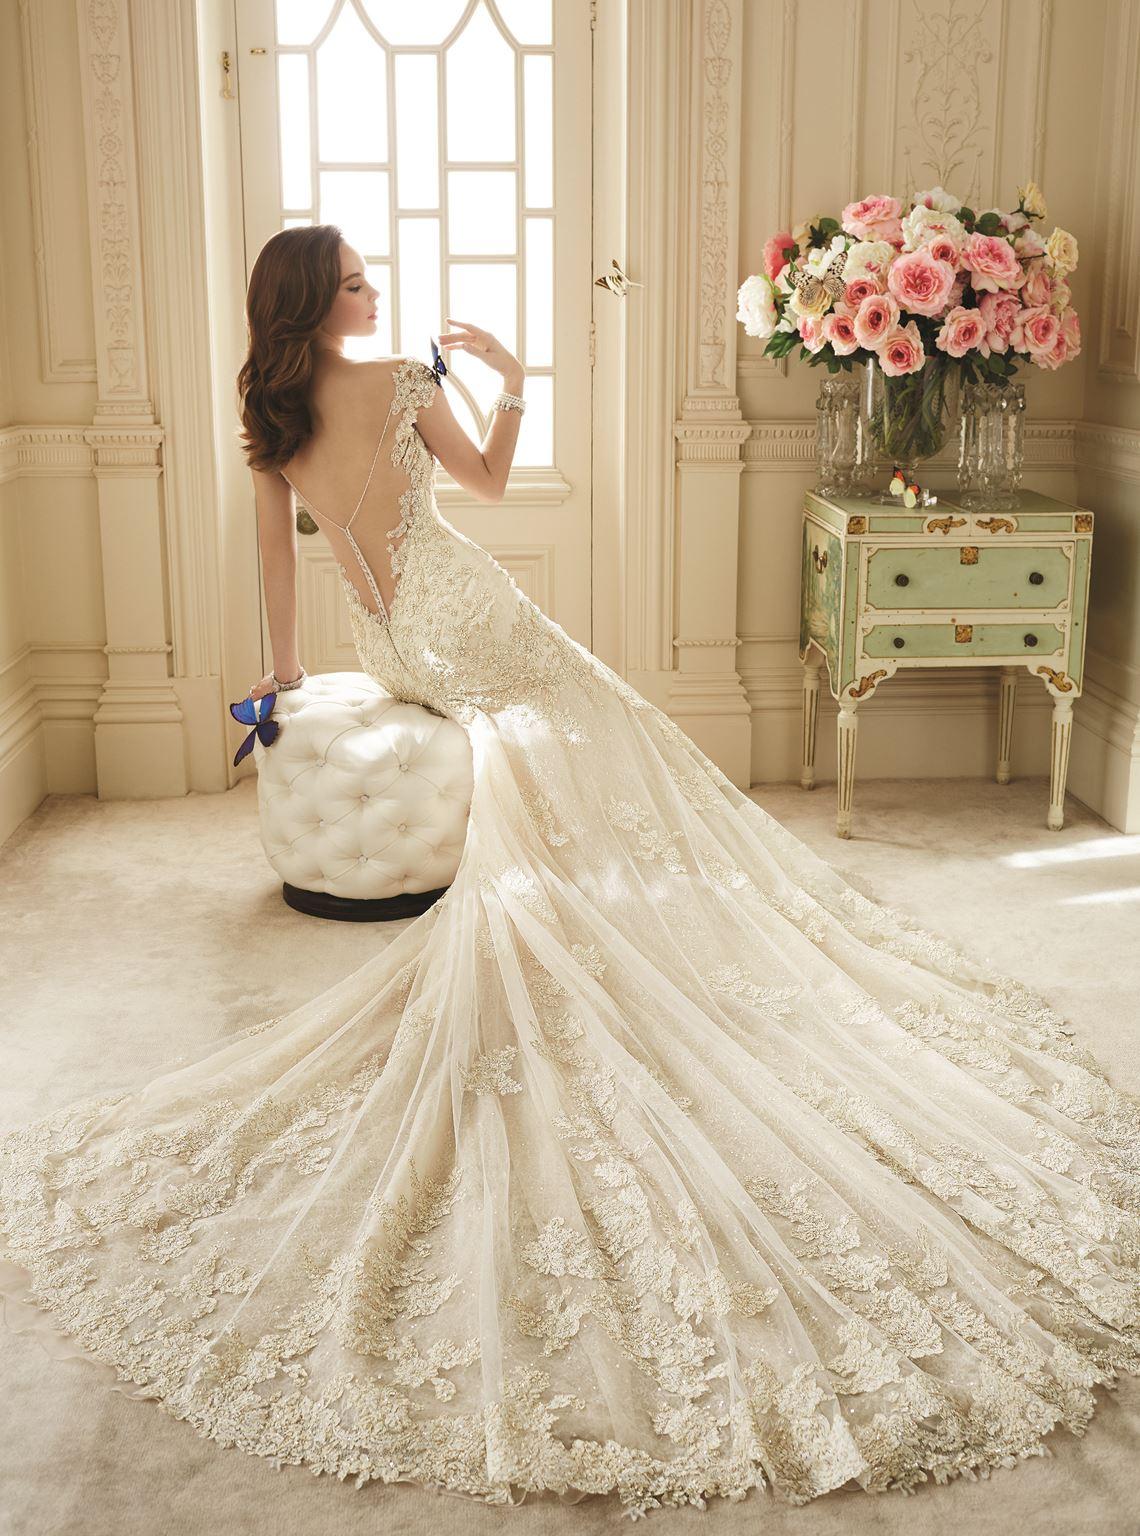 Vestido de Noiva Lacome - Hipnose Alta Costura e Spa para Noivas e Noivos - Campinas - SP Vestido de Noiva, Vestidos de Noiva Sereia, Hipnose Alta Costura, Vestido de Noiva Lacome